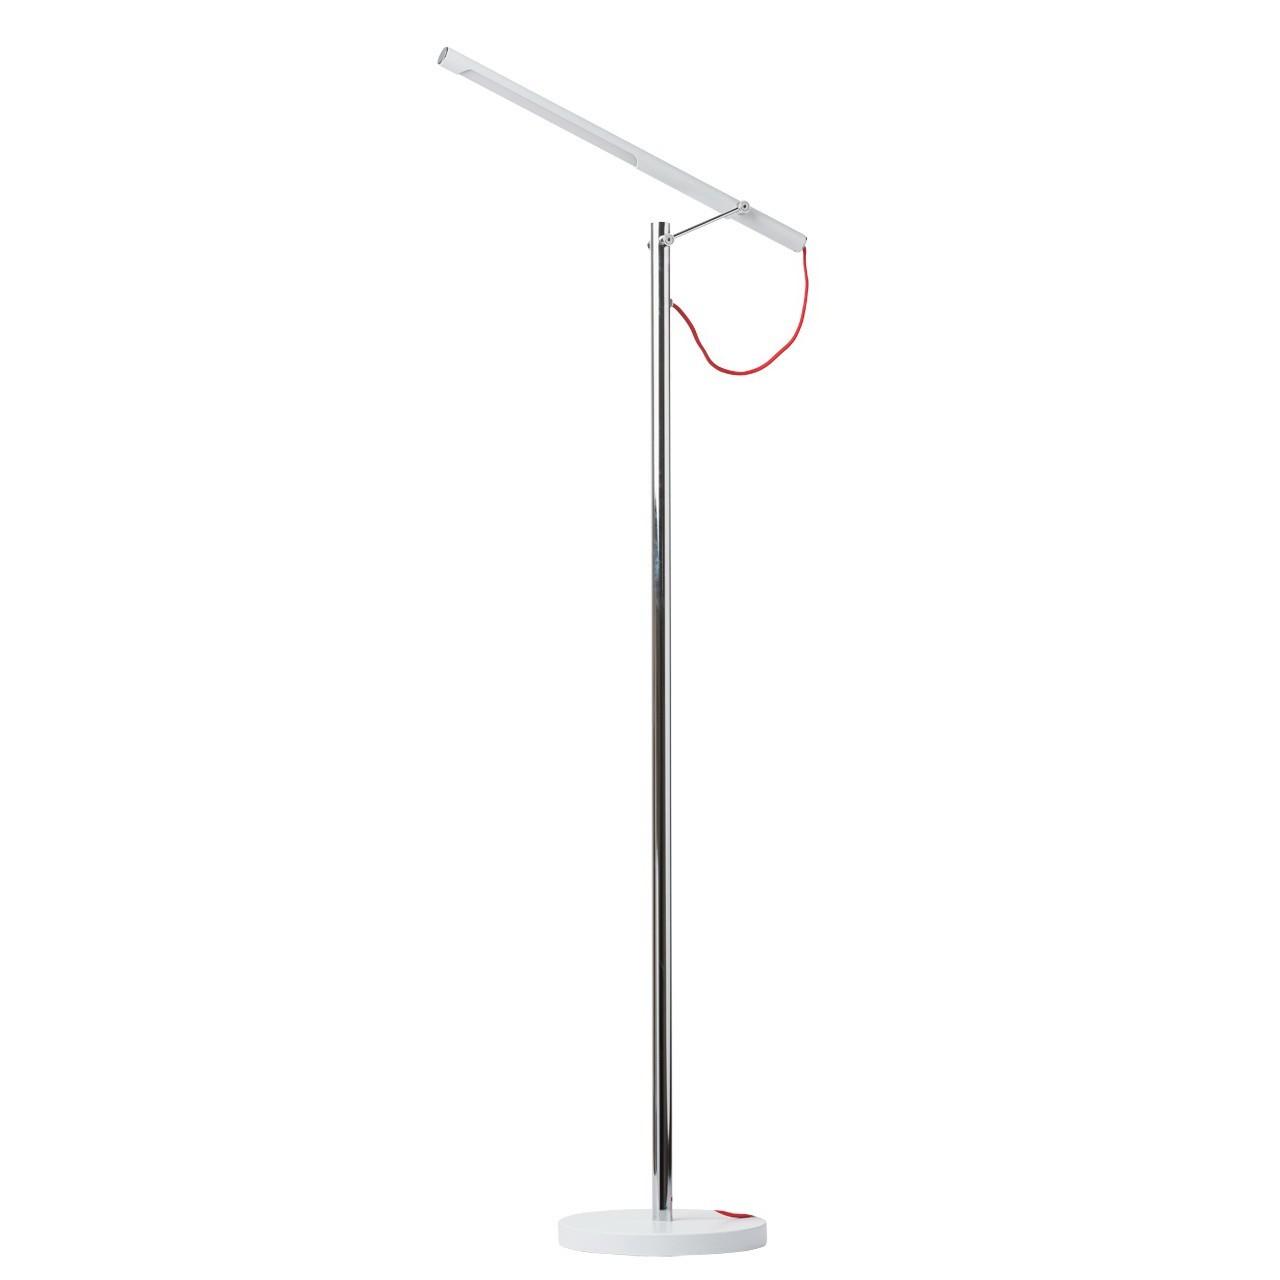 LED-Stehleuchte Techno 631040901